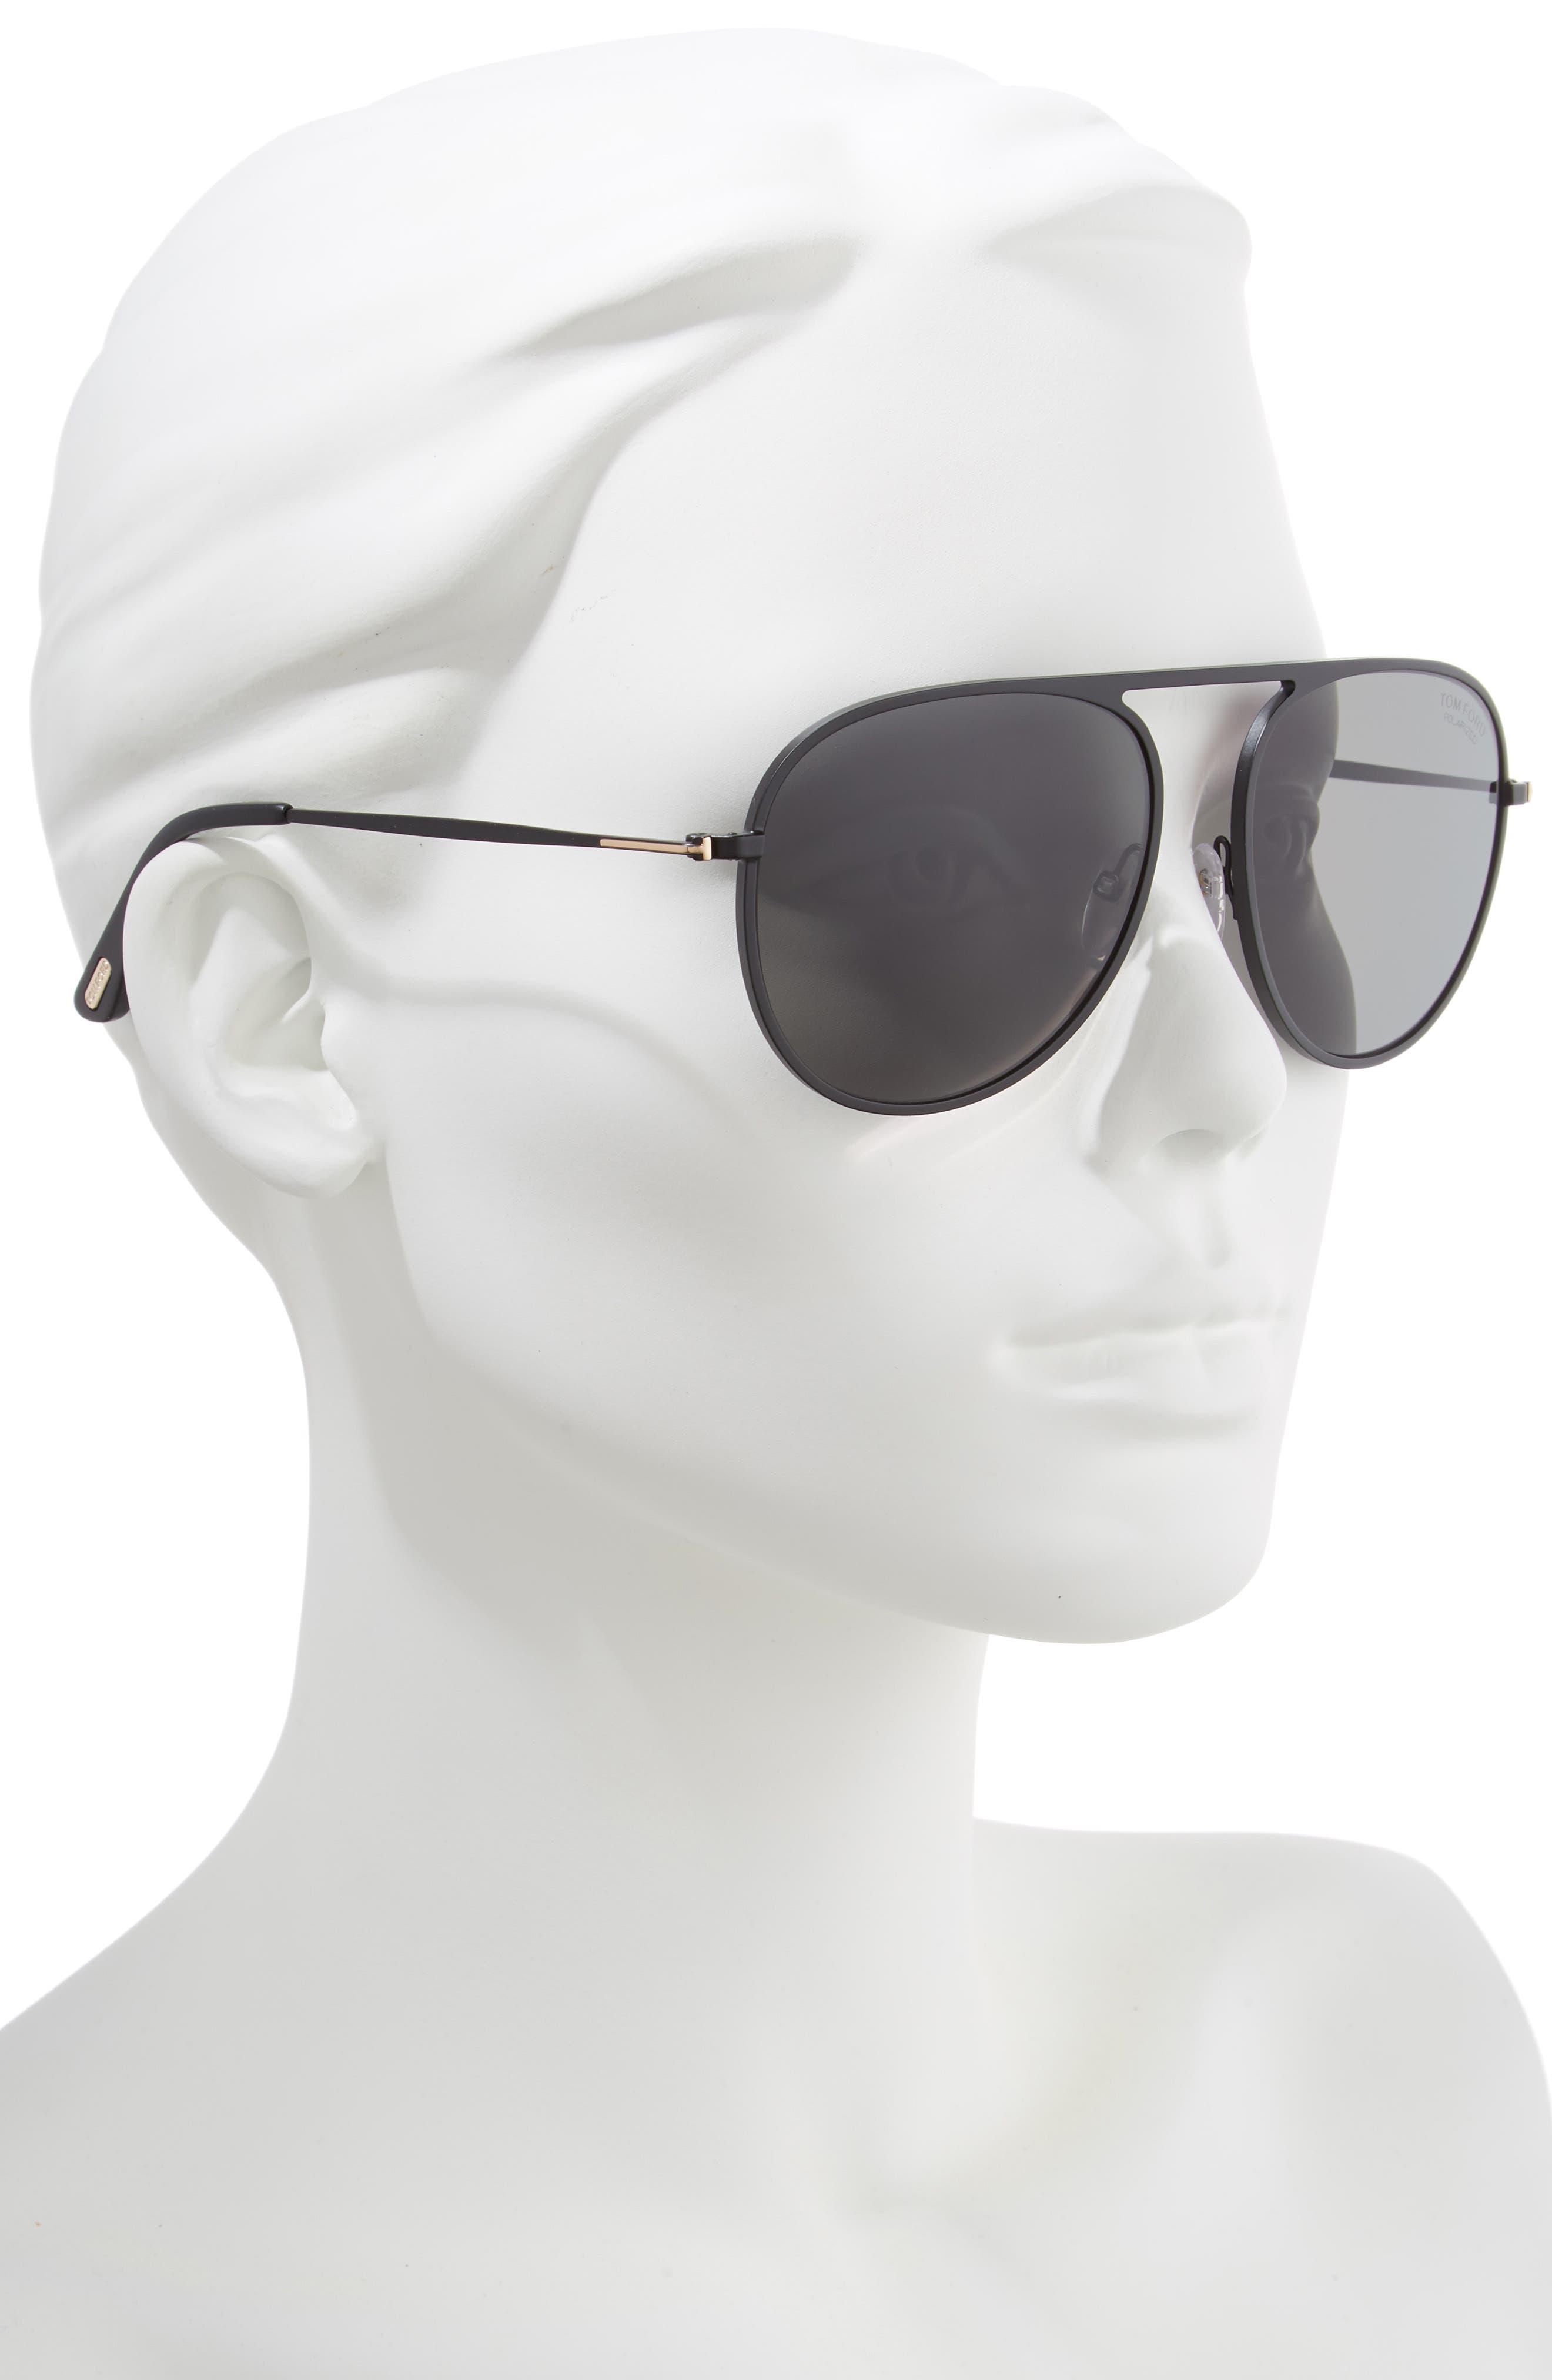 59mm Aviator Sunglasses,                             Alternate thumbnail 2, color,                             Black Matte Frame/ Black